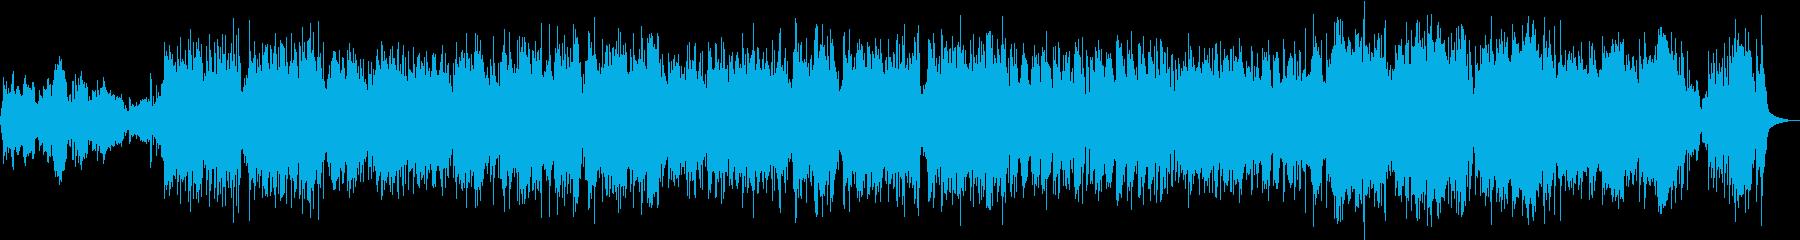 心弾む明るいストリングスメインの曲の再生済みの波形